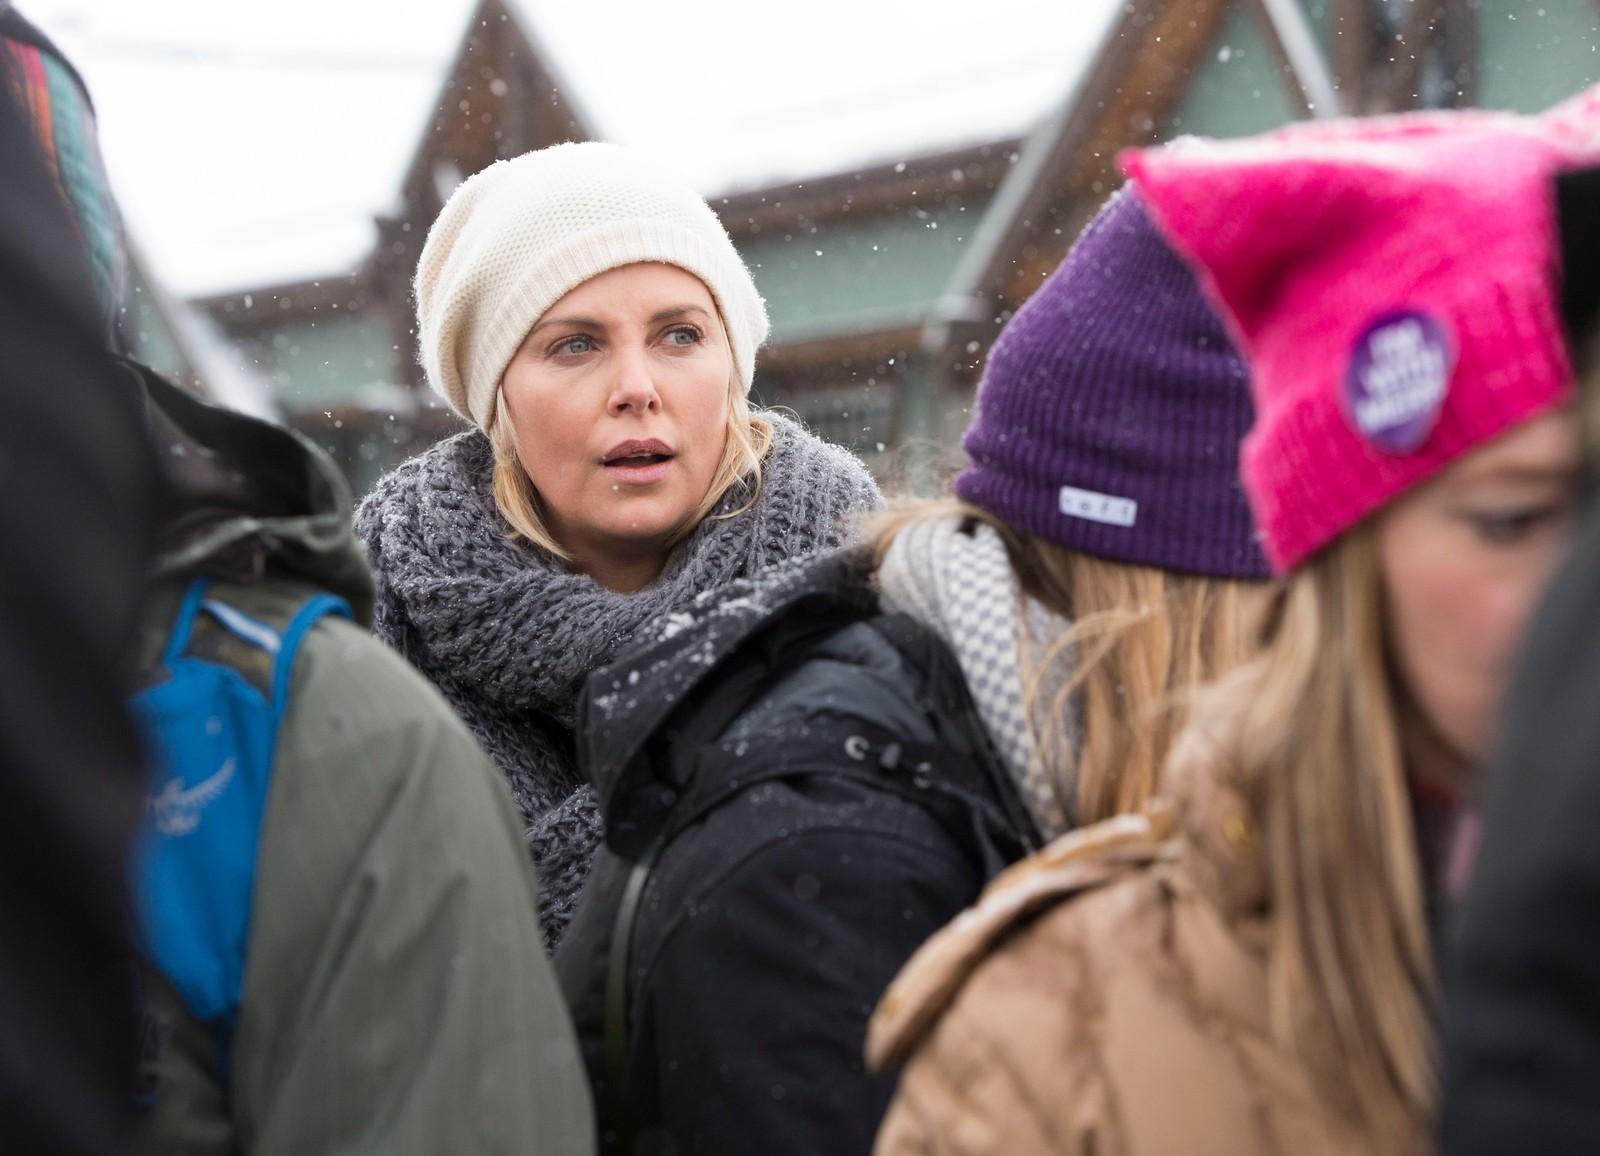 Skuespiller Charlize Threron kjent fra filmer som Djevelens advokat (1997) og The Italian Job, deltok på kvinnemarsjen utenfor Sundance-festivalen i Park City, Utah.